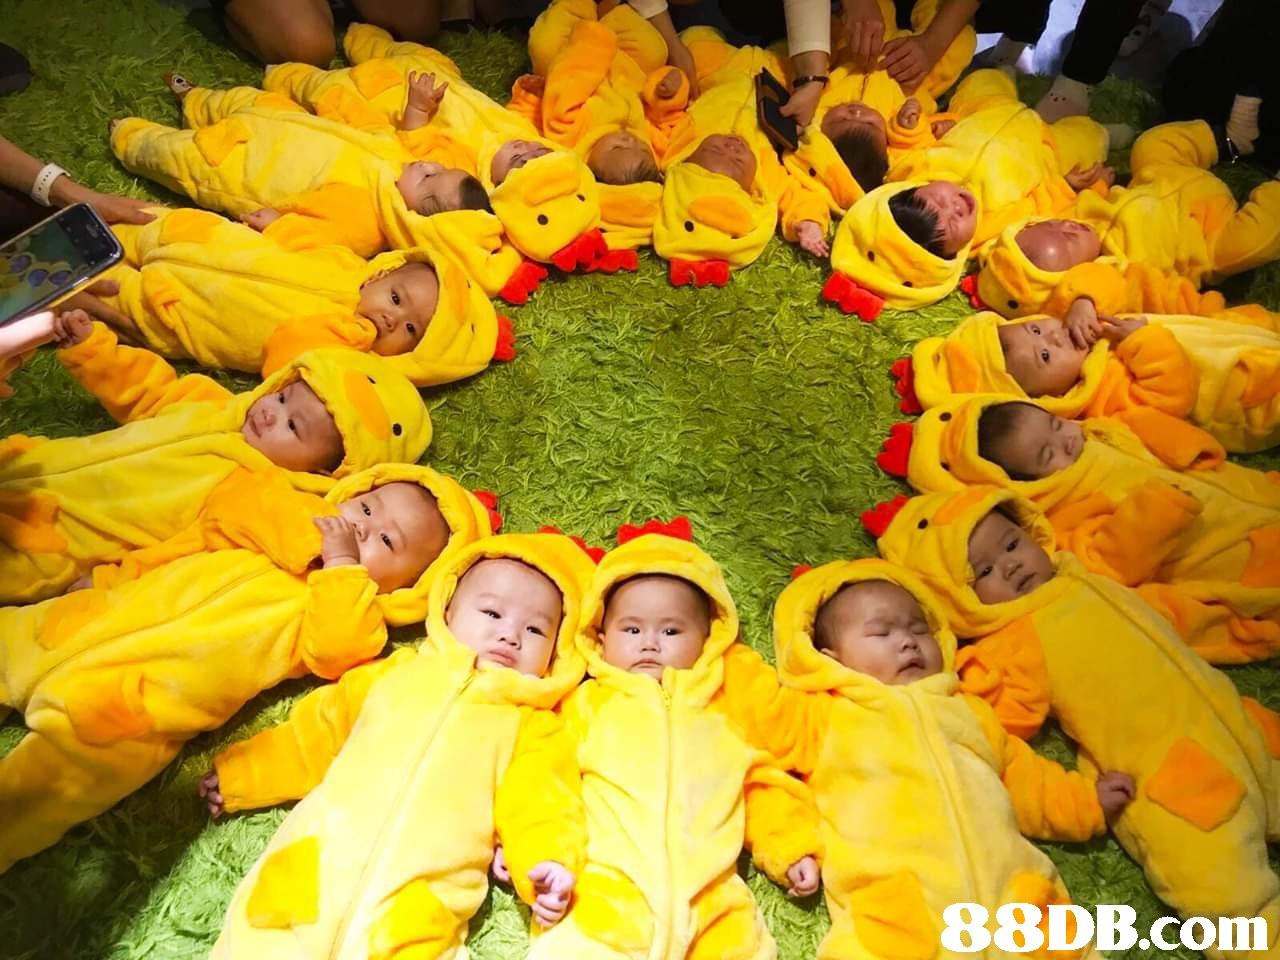 Yellow,Fun,Plant,